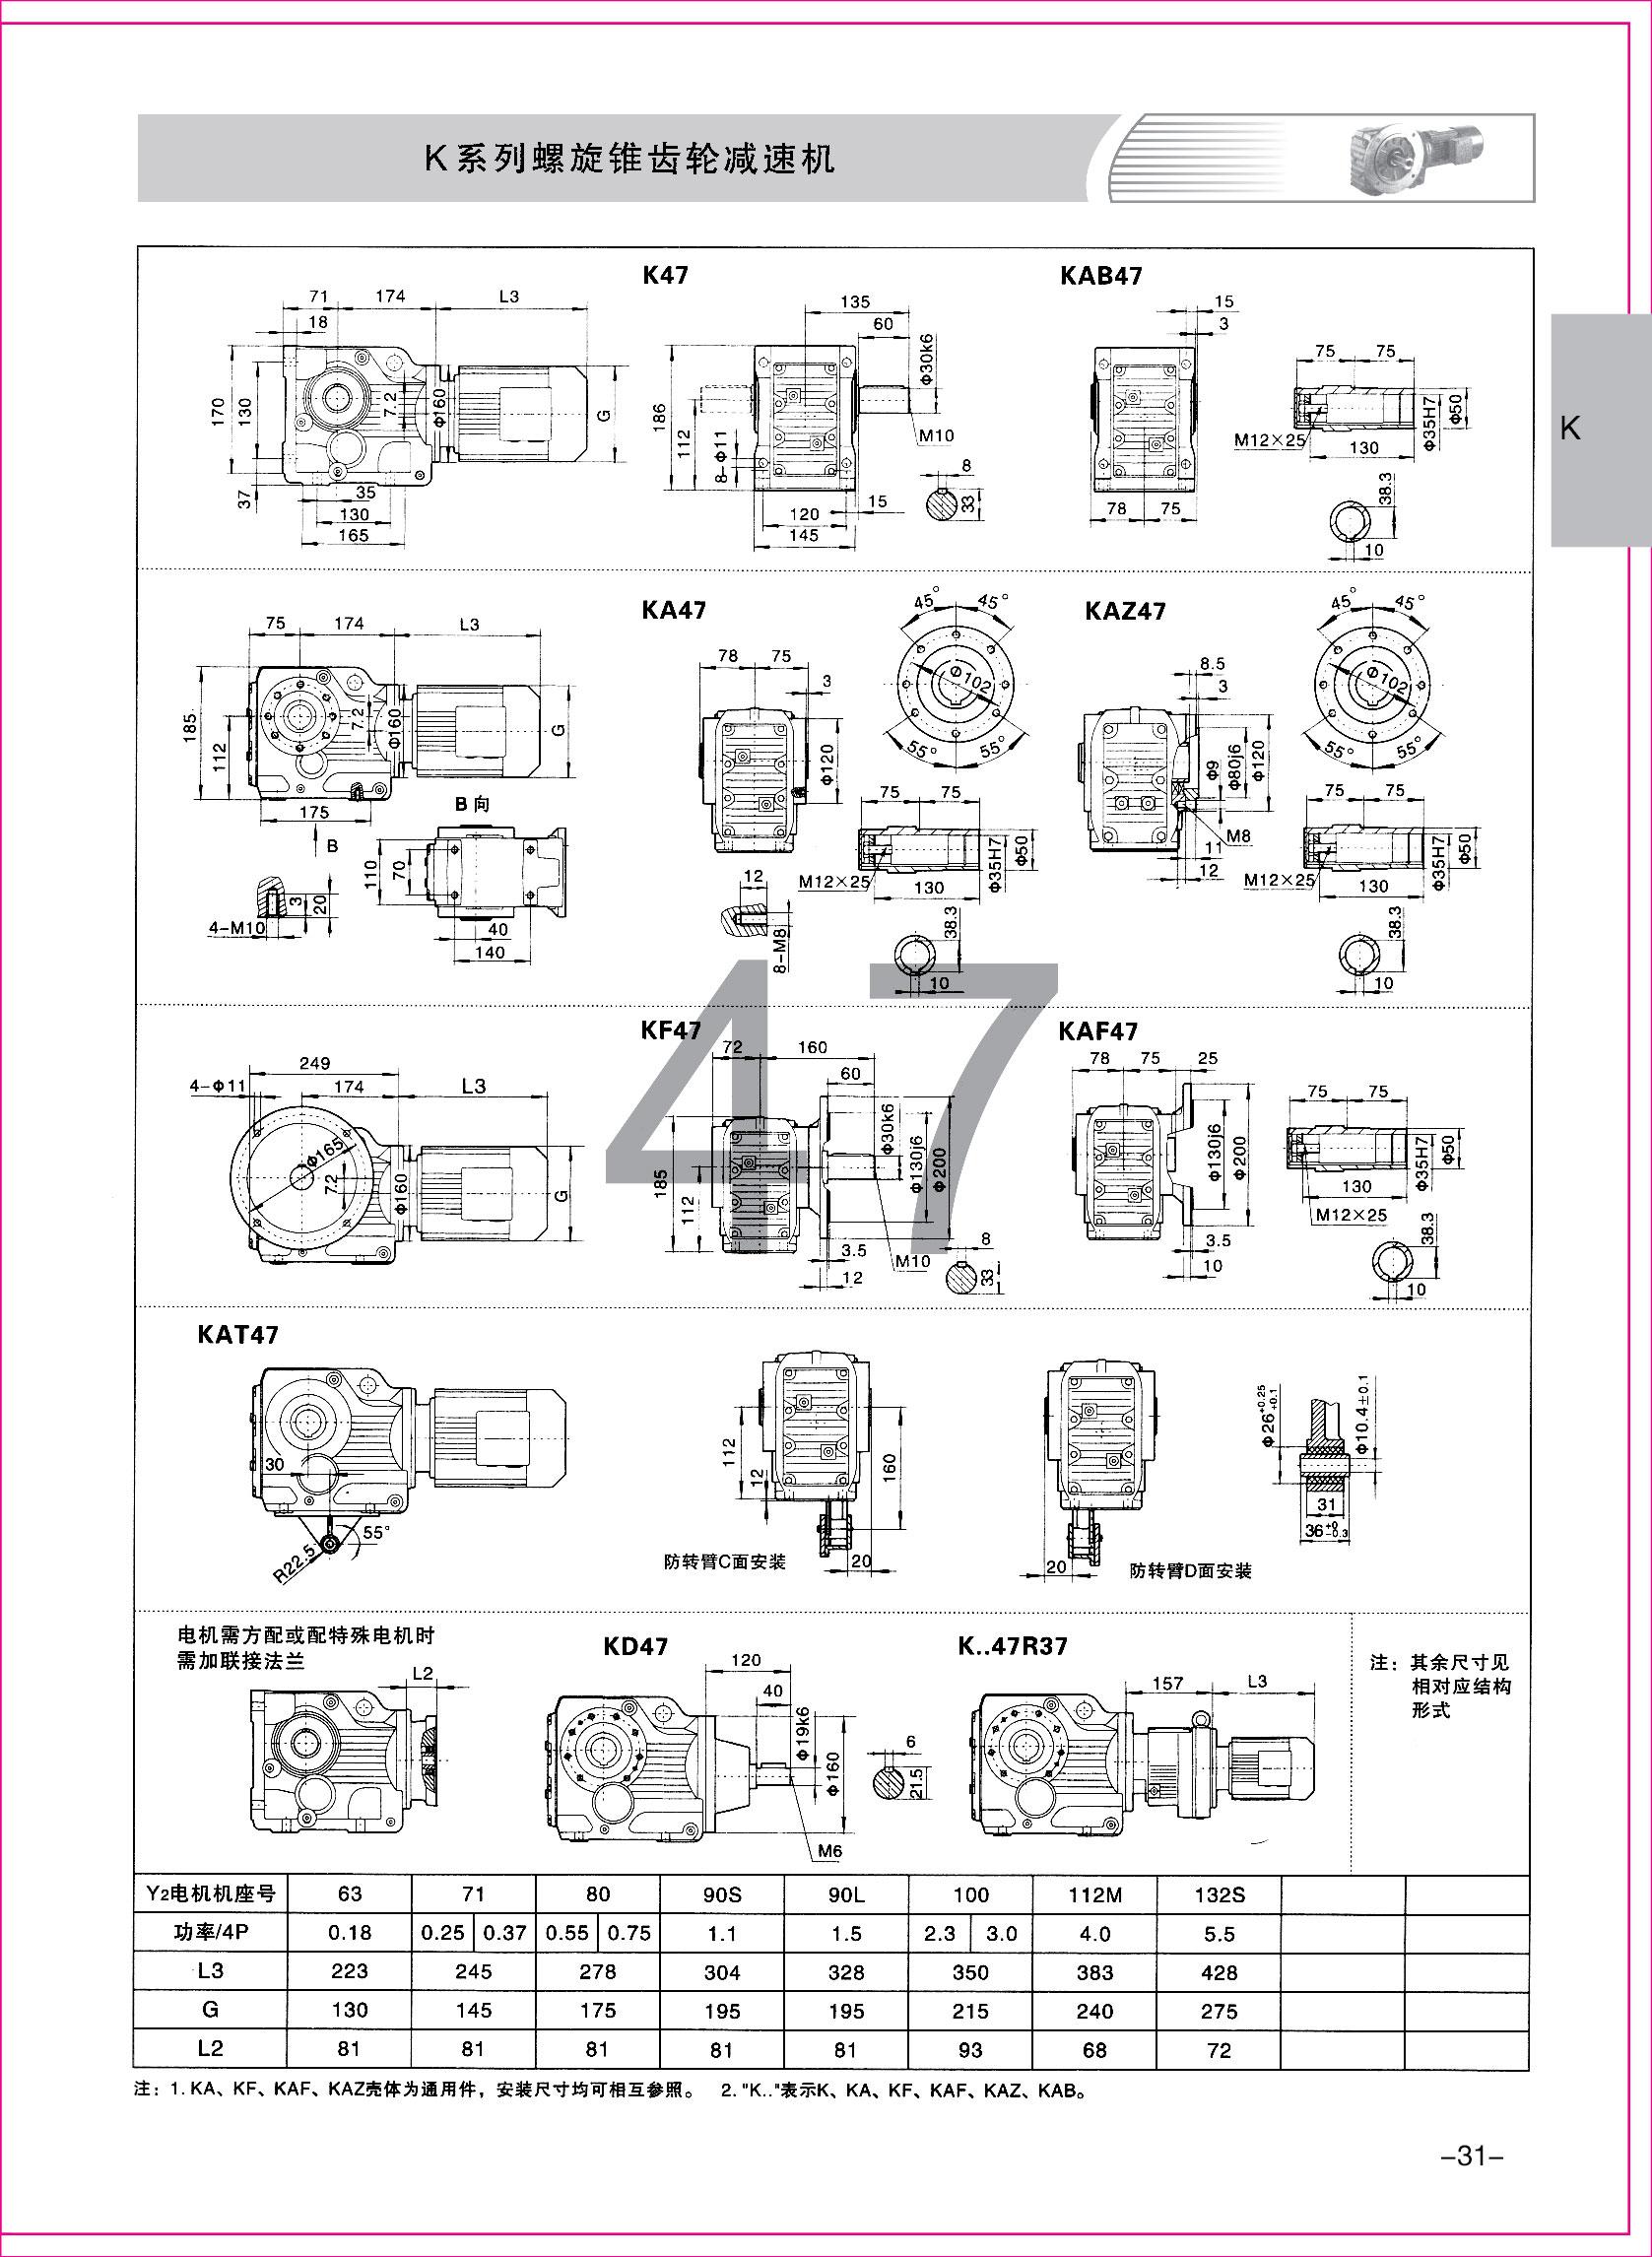 齿轮减速机样本1-1-31.jpg